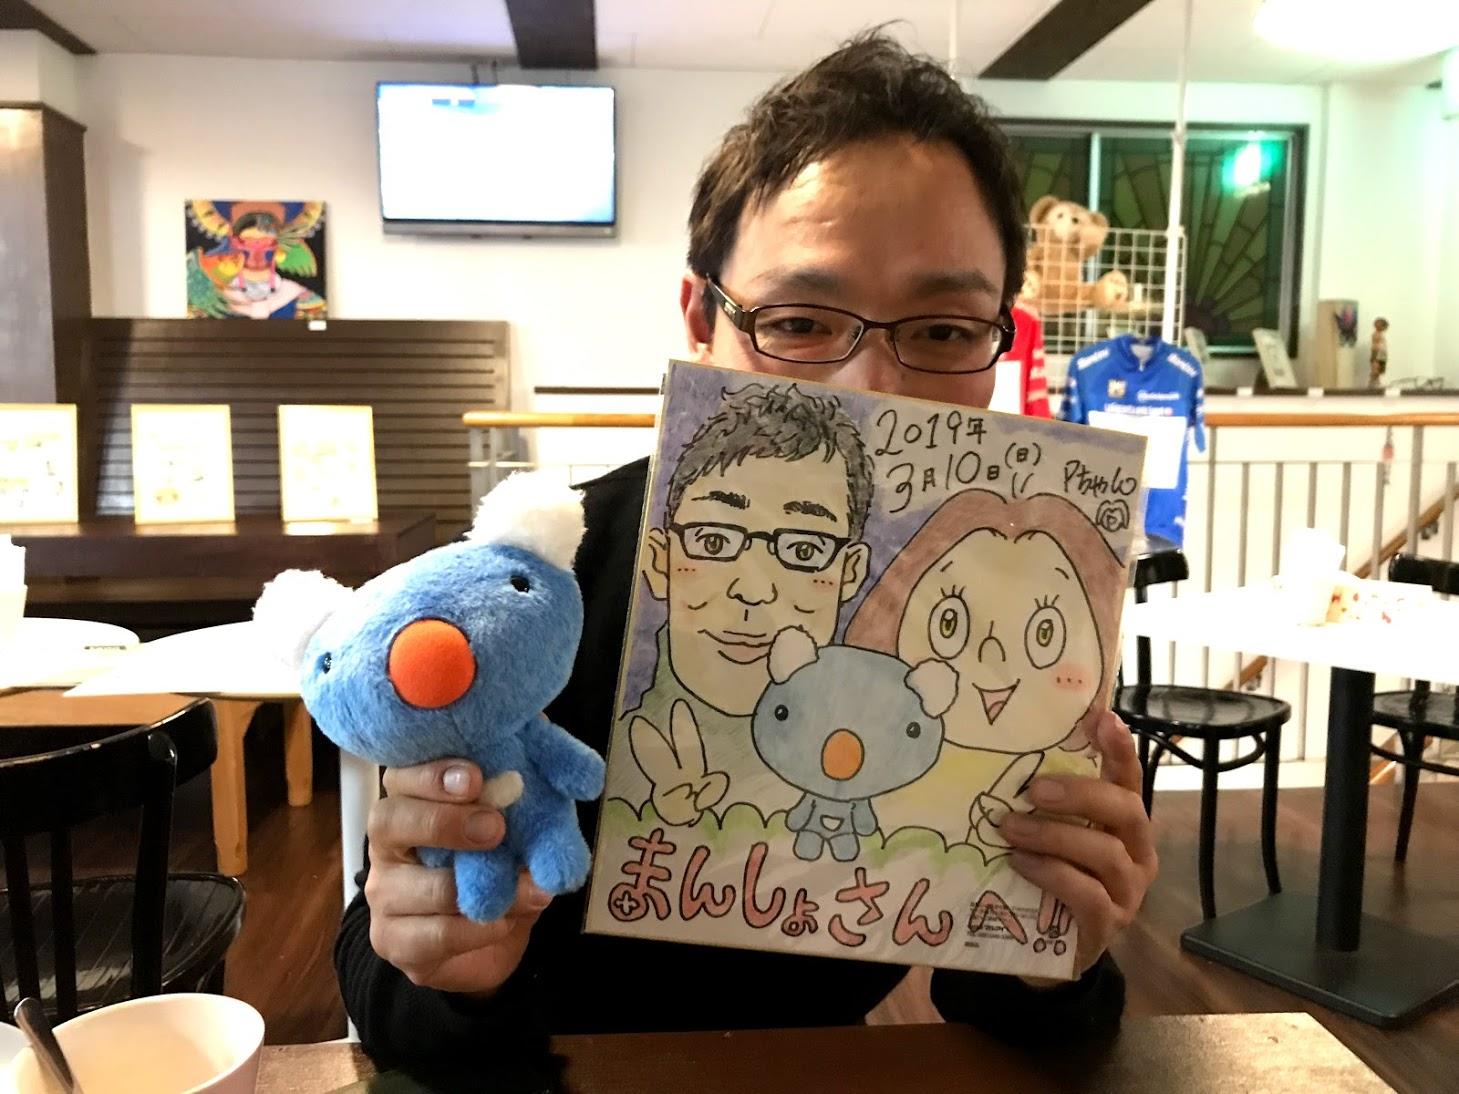 【4コマ漫画】みのさい個展無事終了〜!似顔絵サイン会の様子